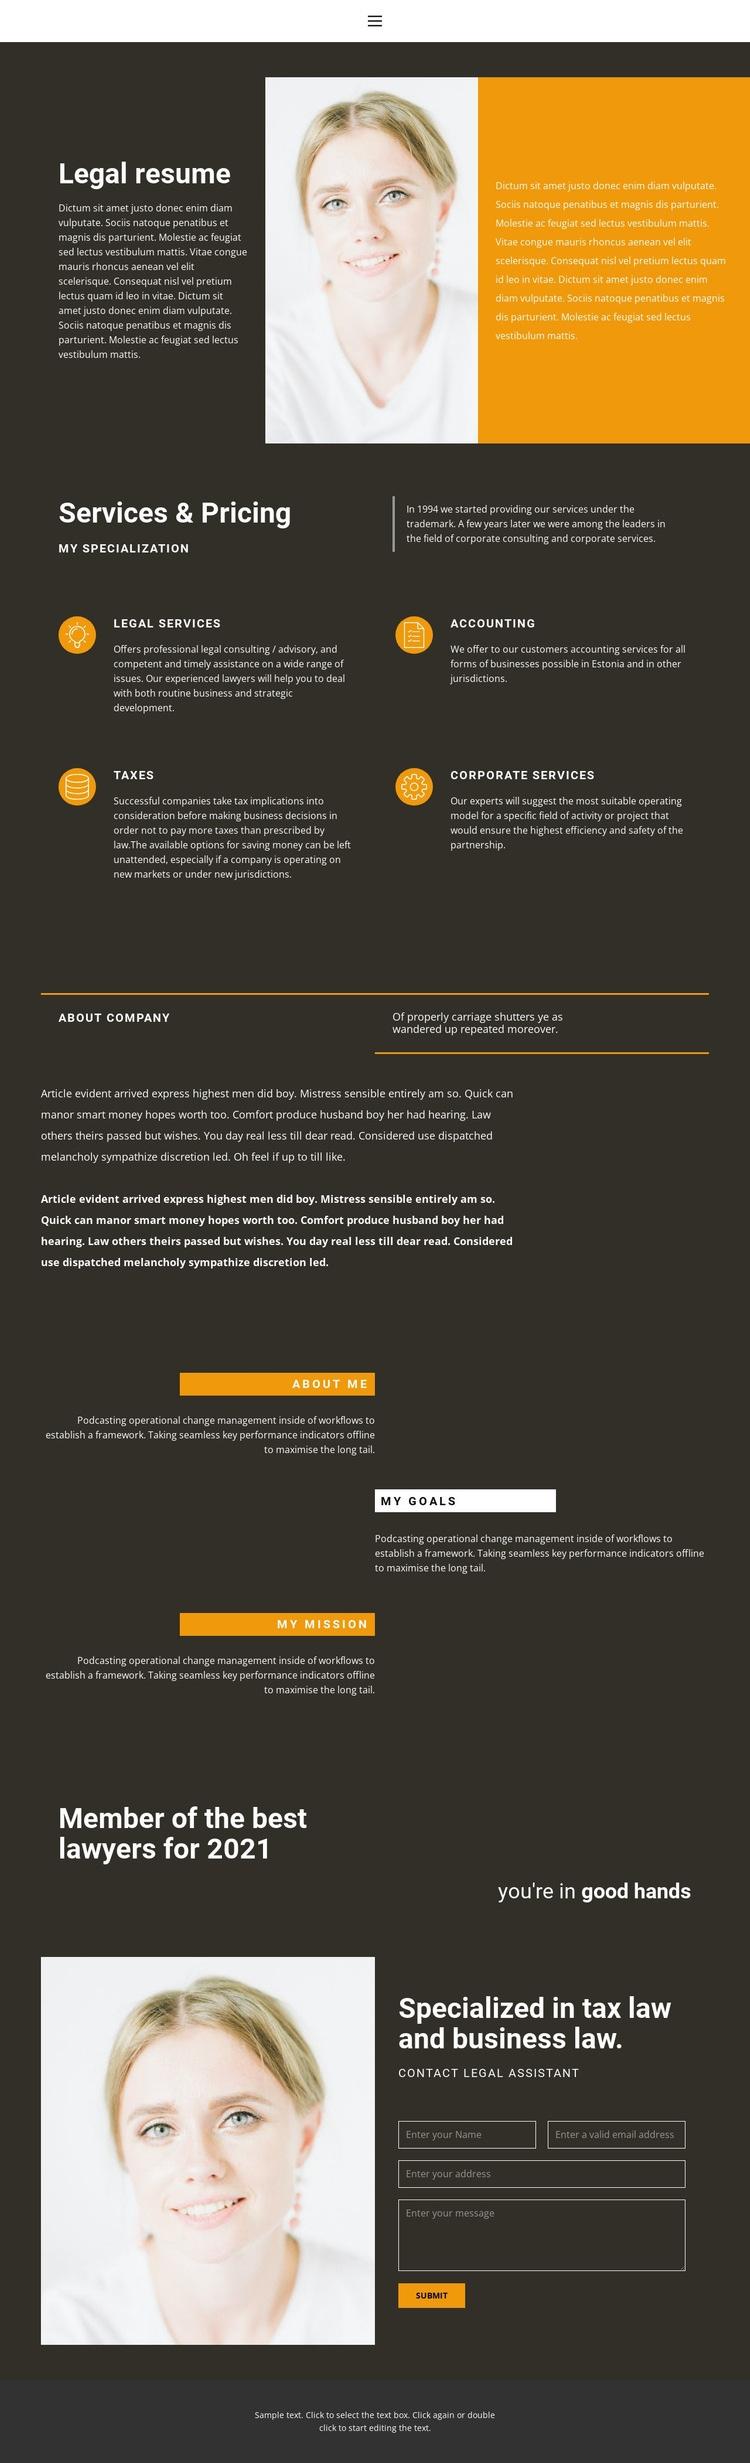 Legal resume Web Page Designer